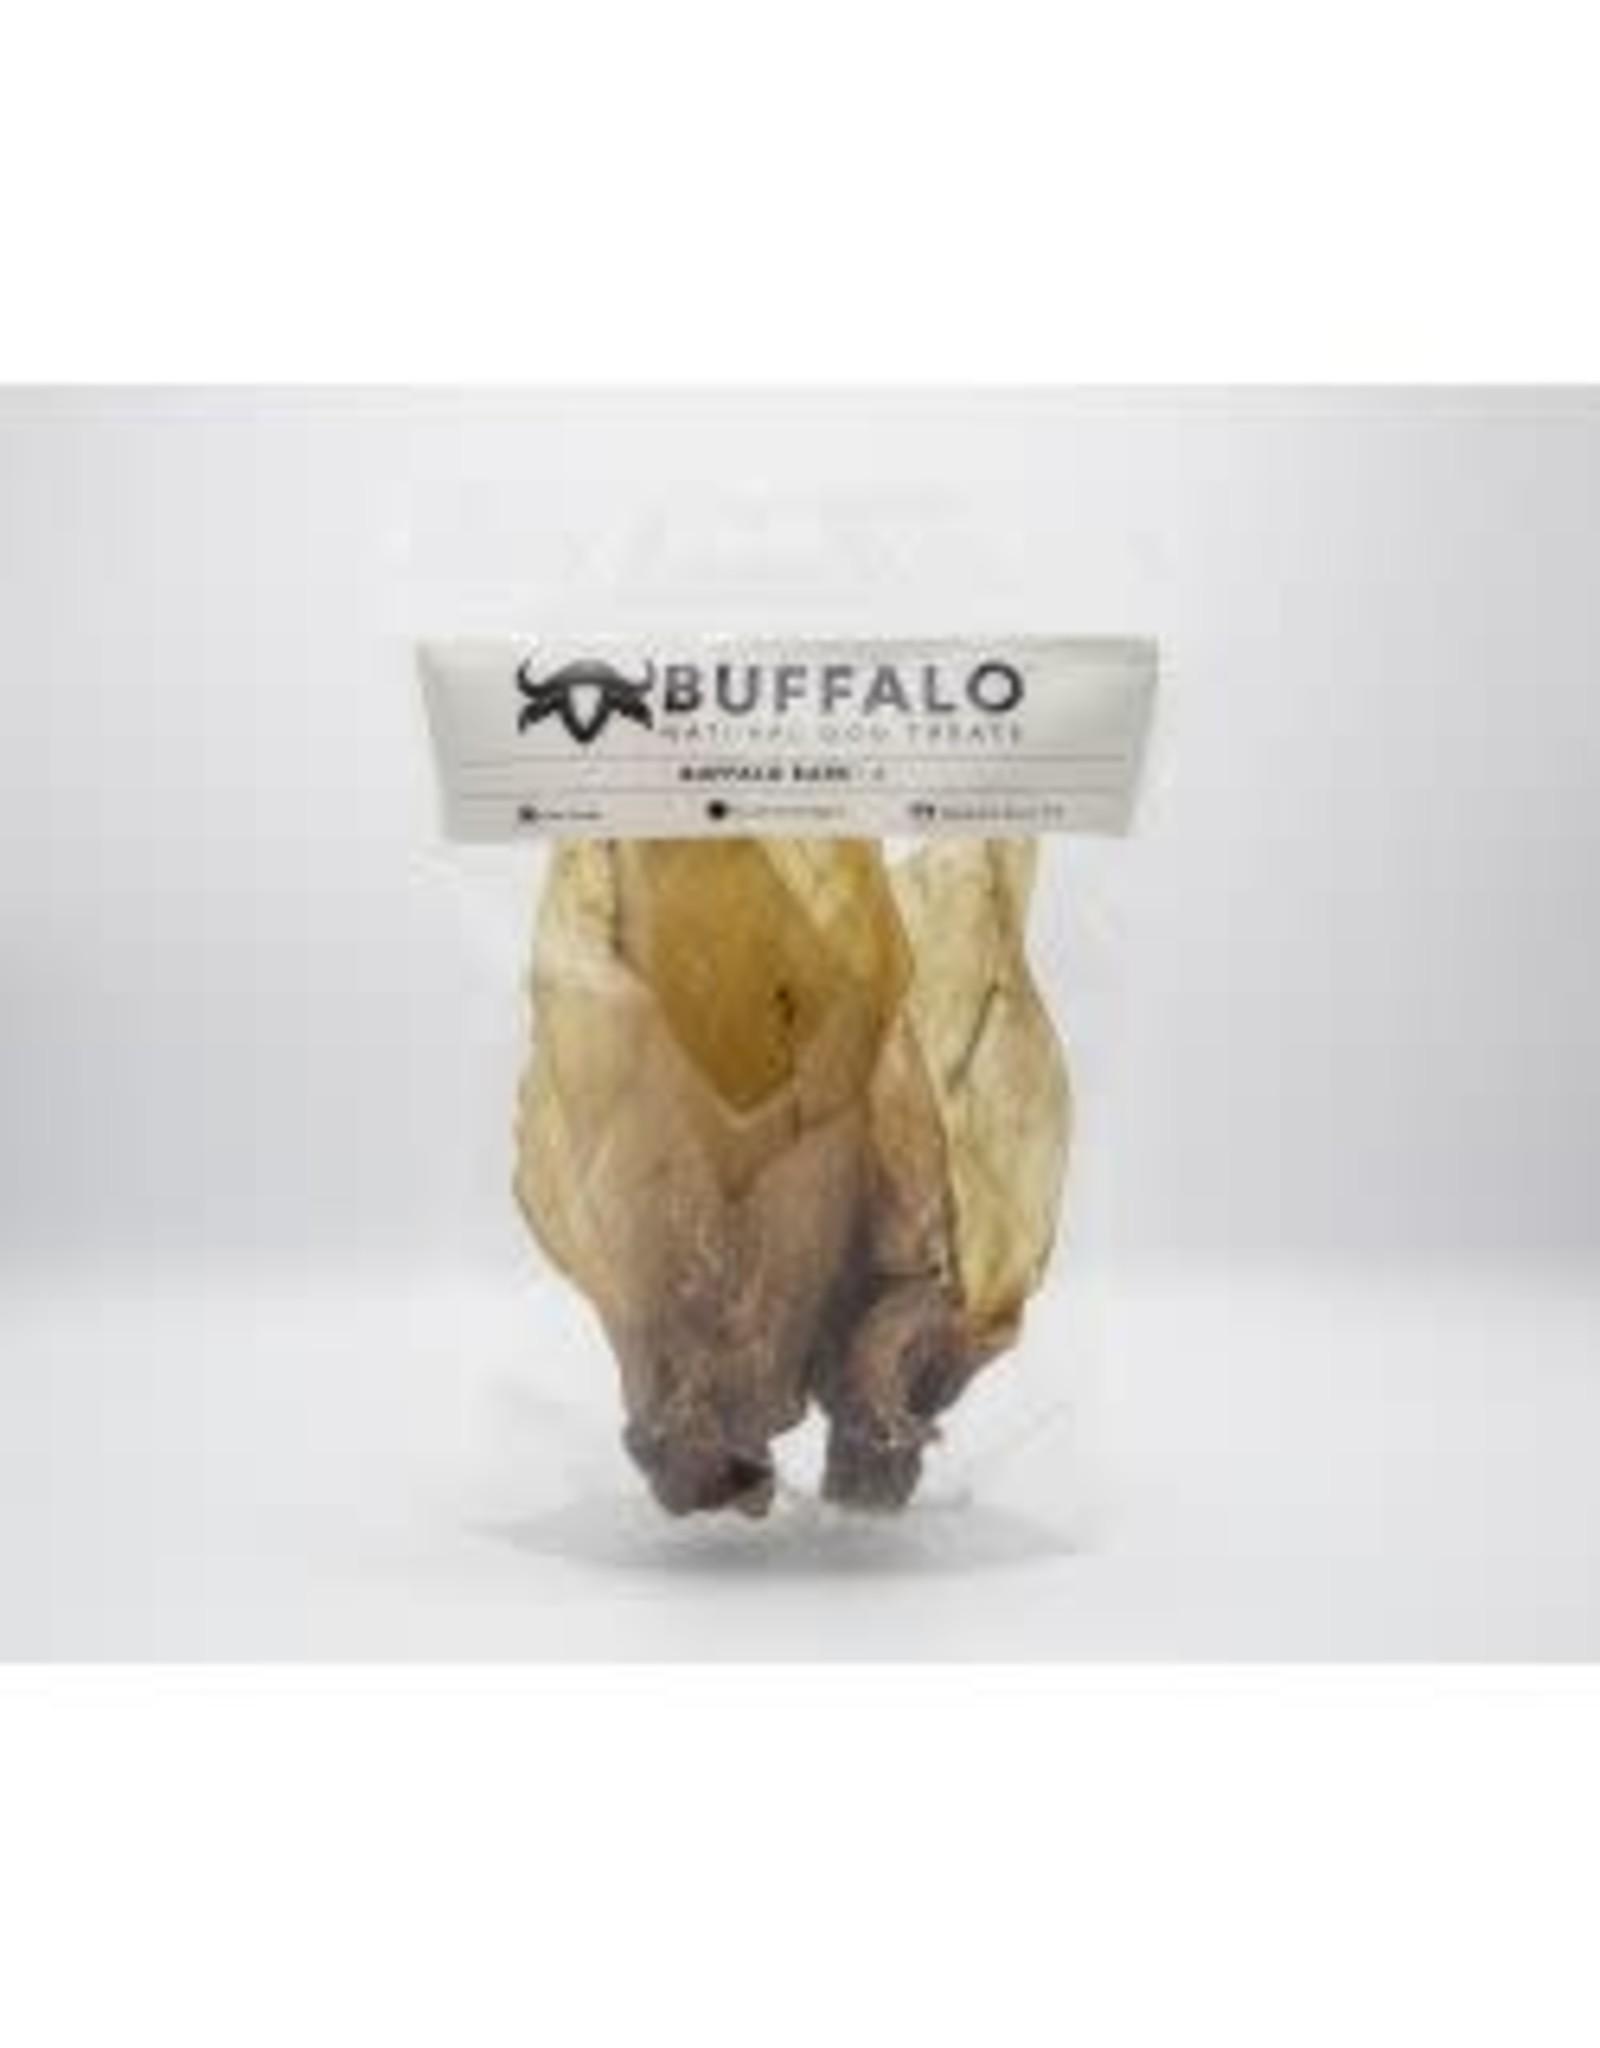 BestPets Buffalo Ears 4 Pack